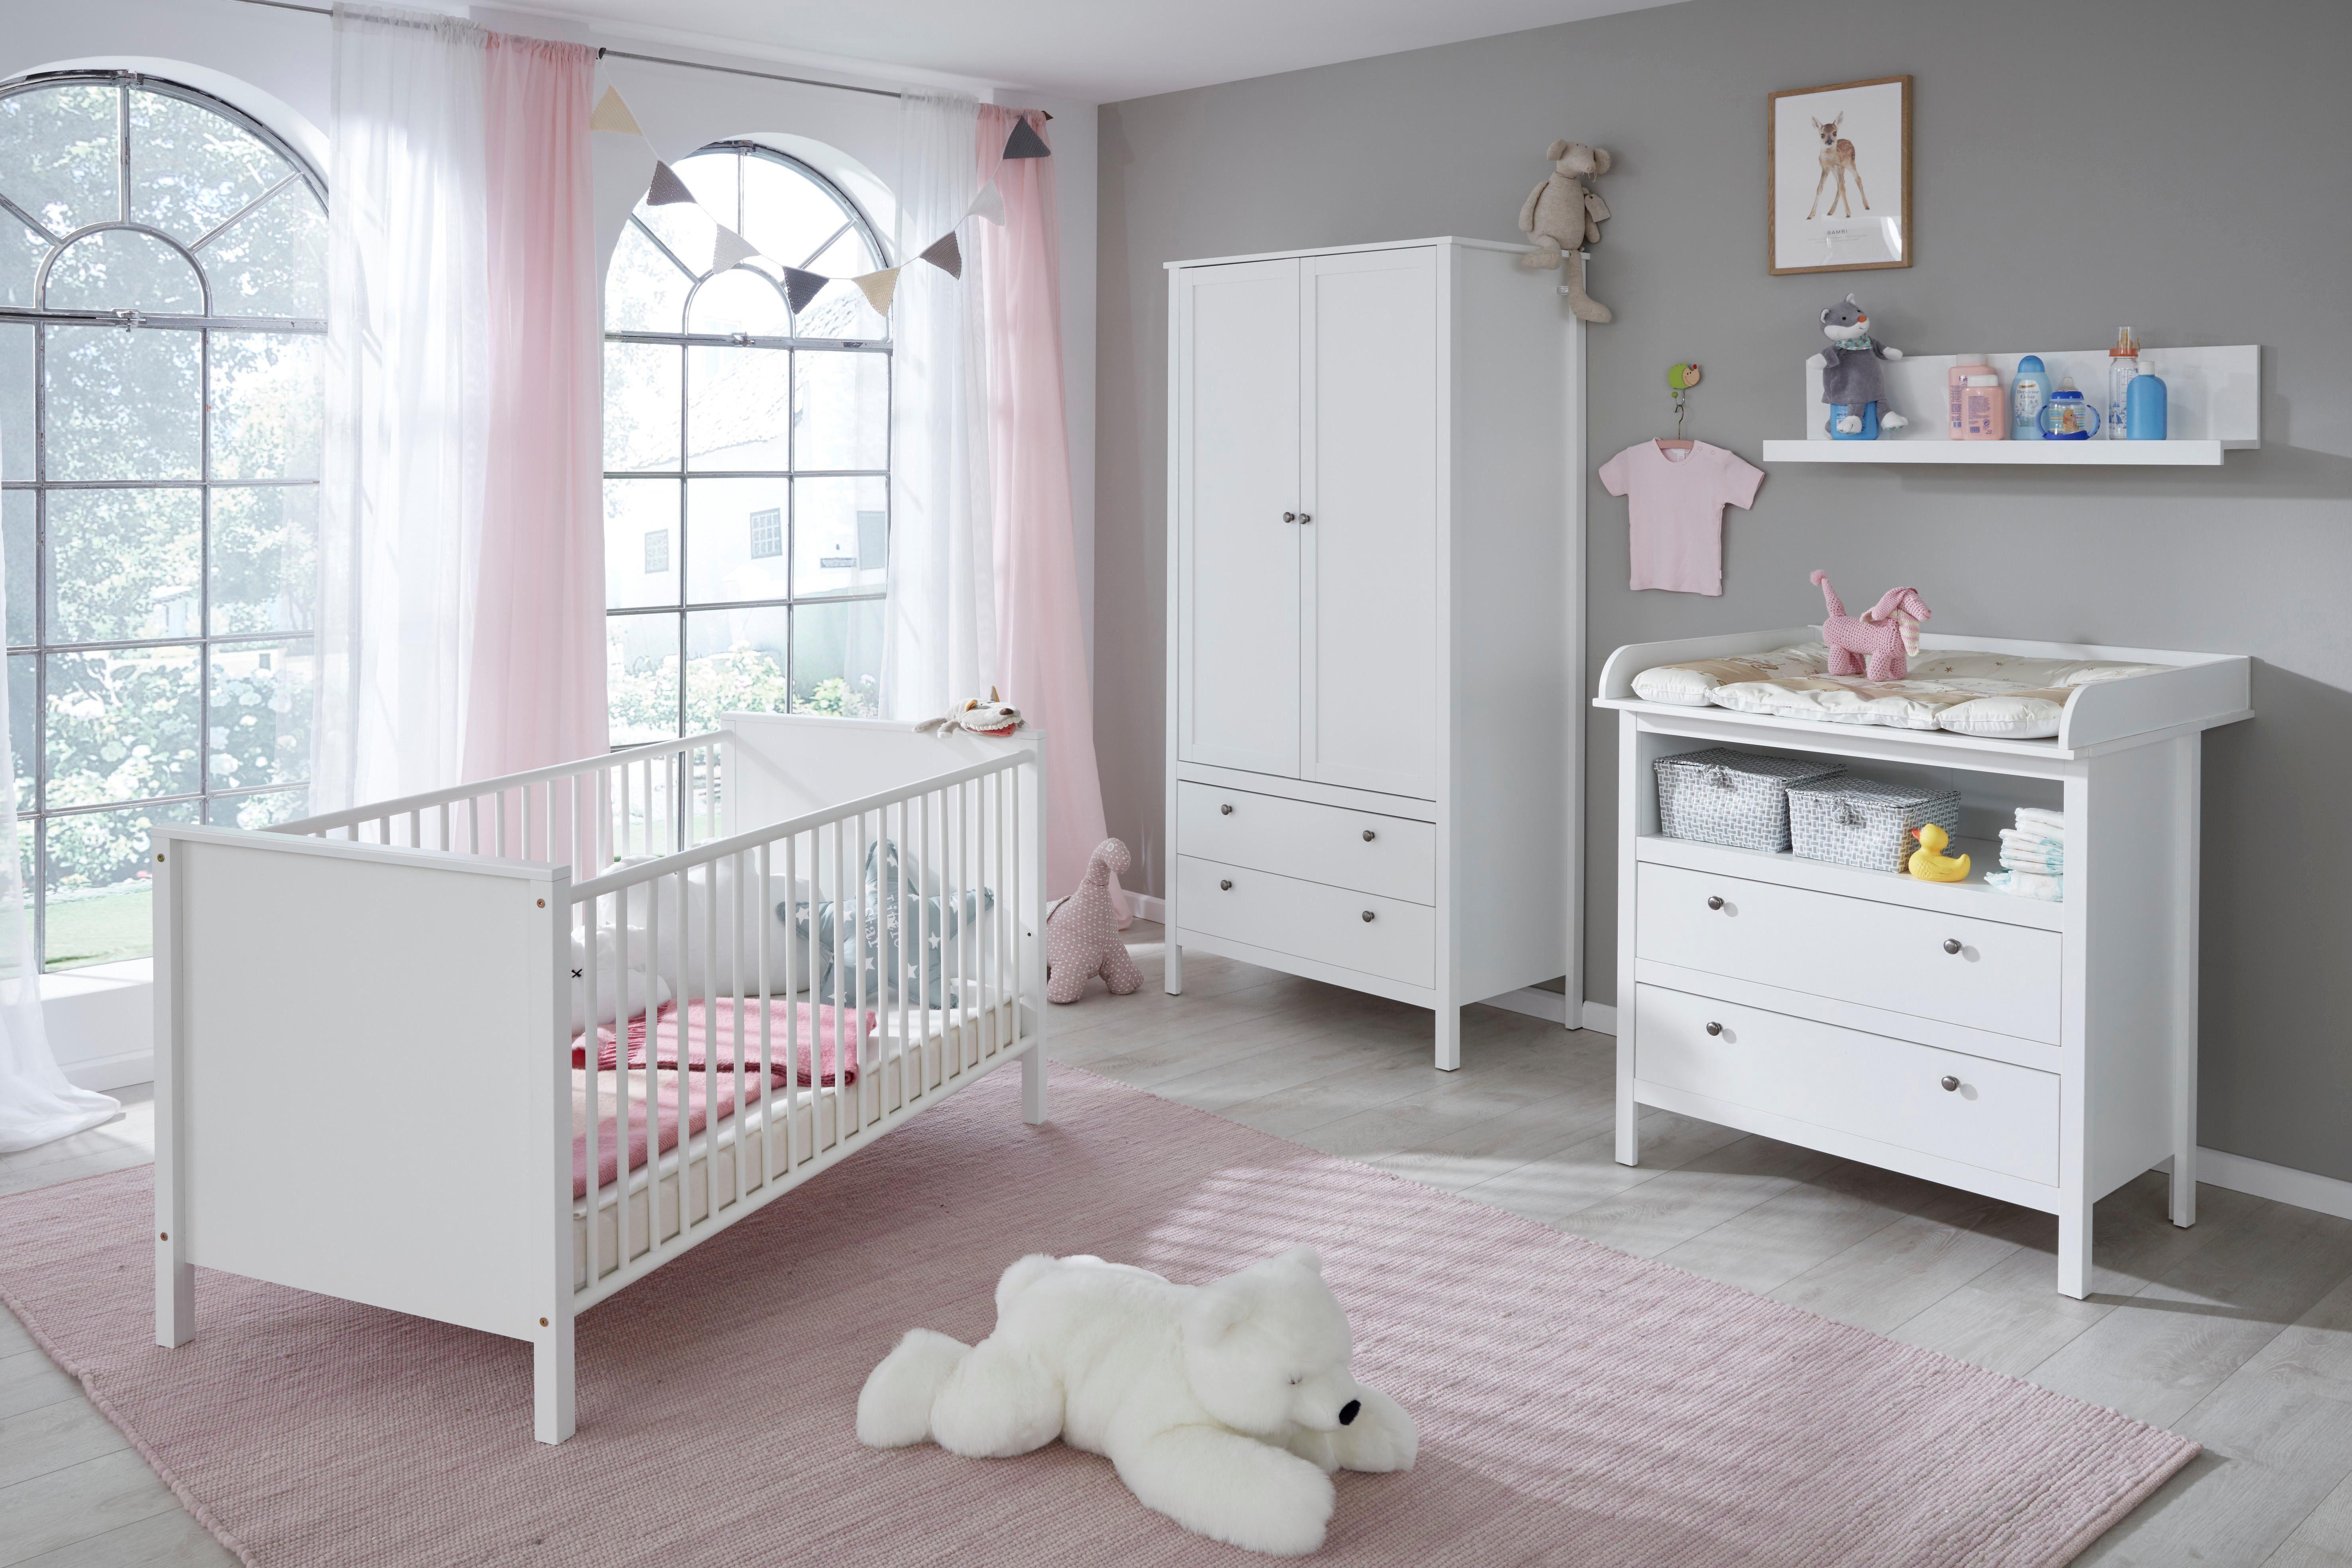 Komplettzimmer (4-tlg. Set) »Westerland« Babybett + Wickelkommode + 2-trg. Kleiderschrank + Regal in weiß